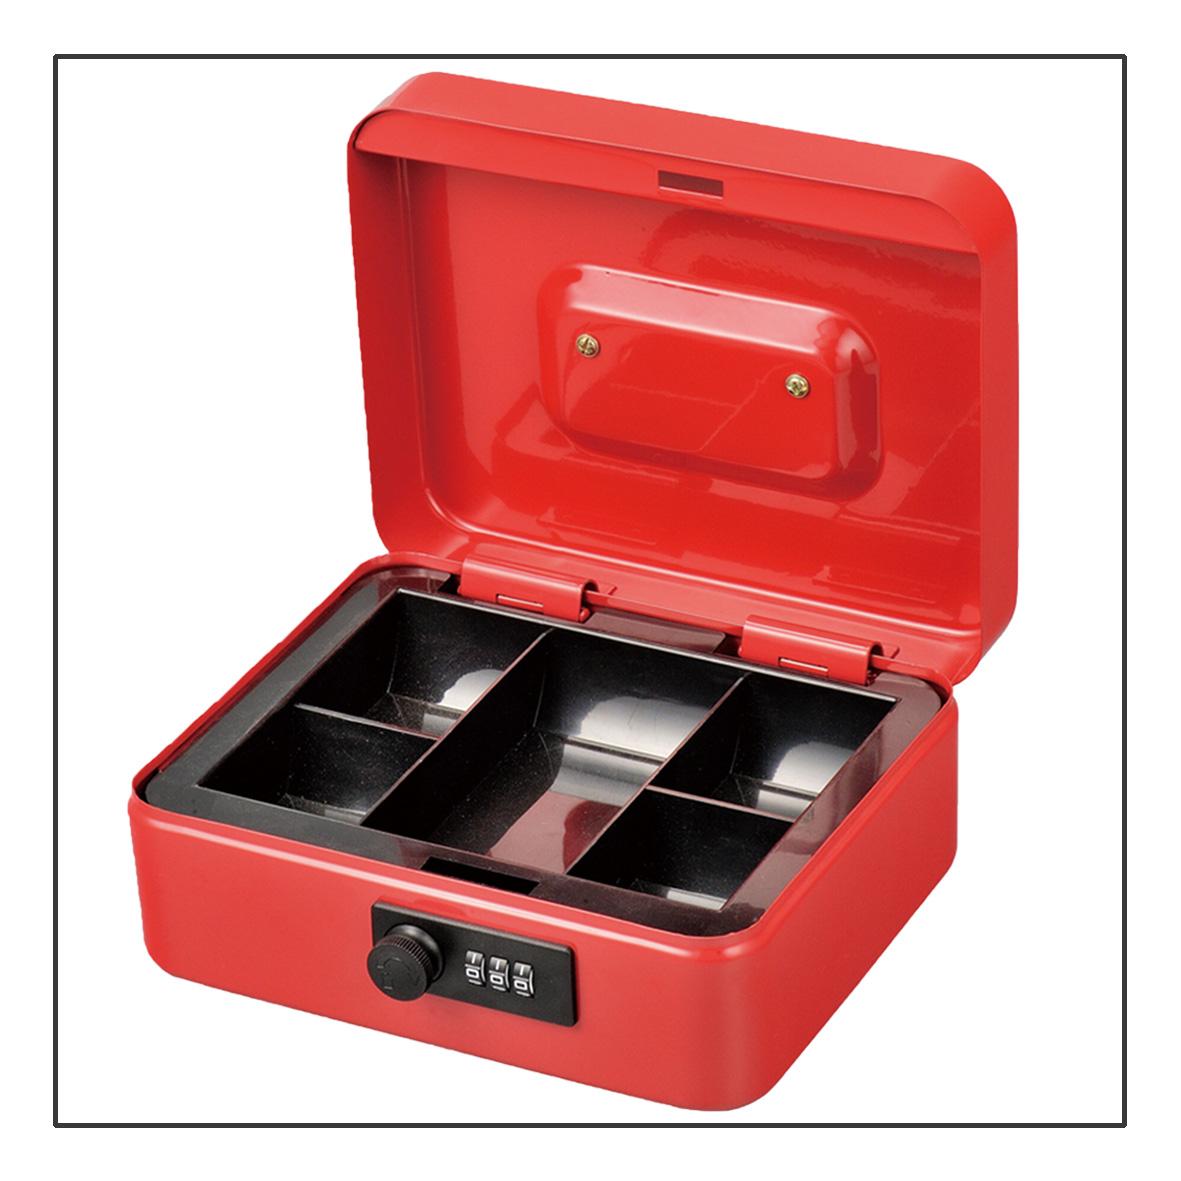 Loja de casa e escritório de segurança fechadura com chave de metal portátil de aço inoxidável tecnologia seguro cash money box com bandeja